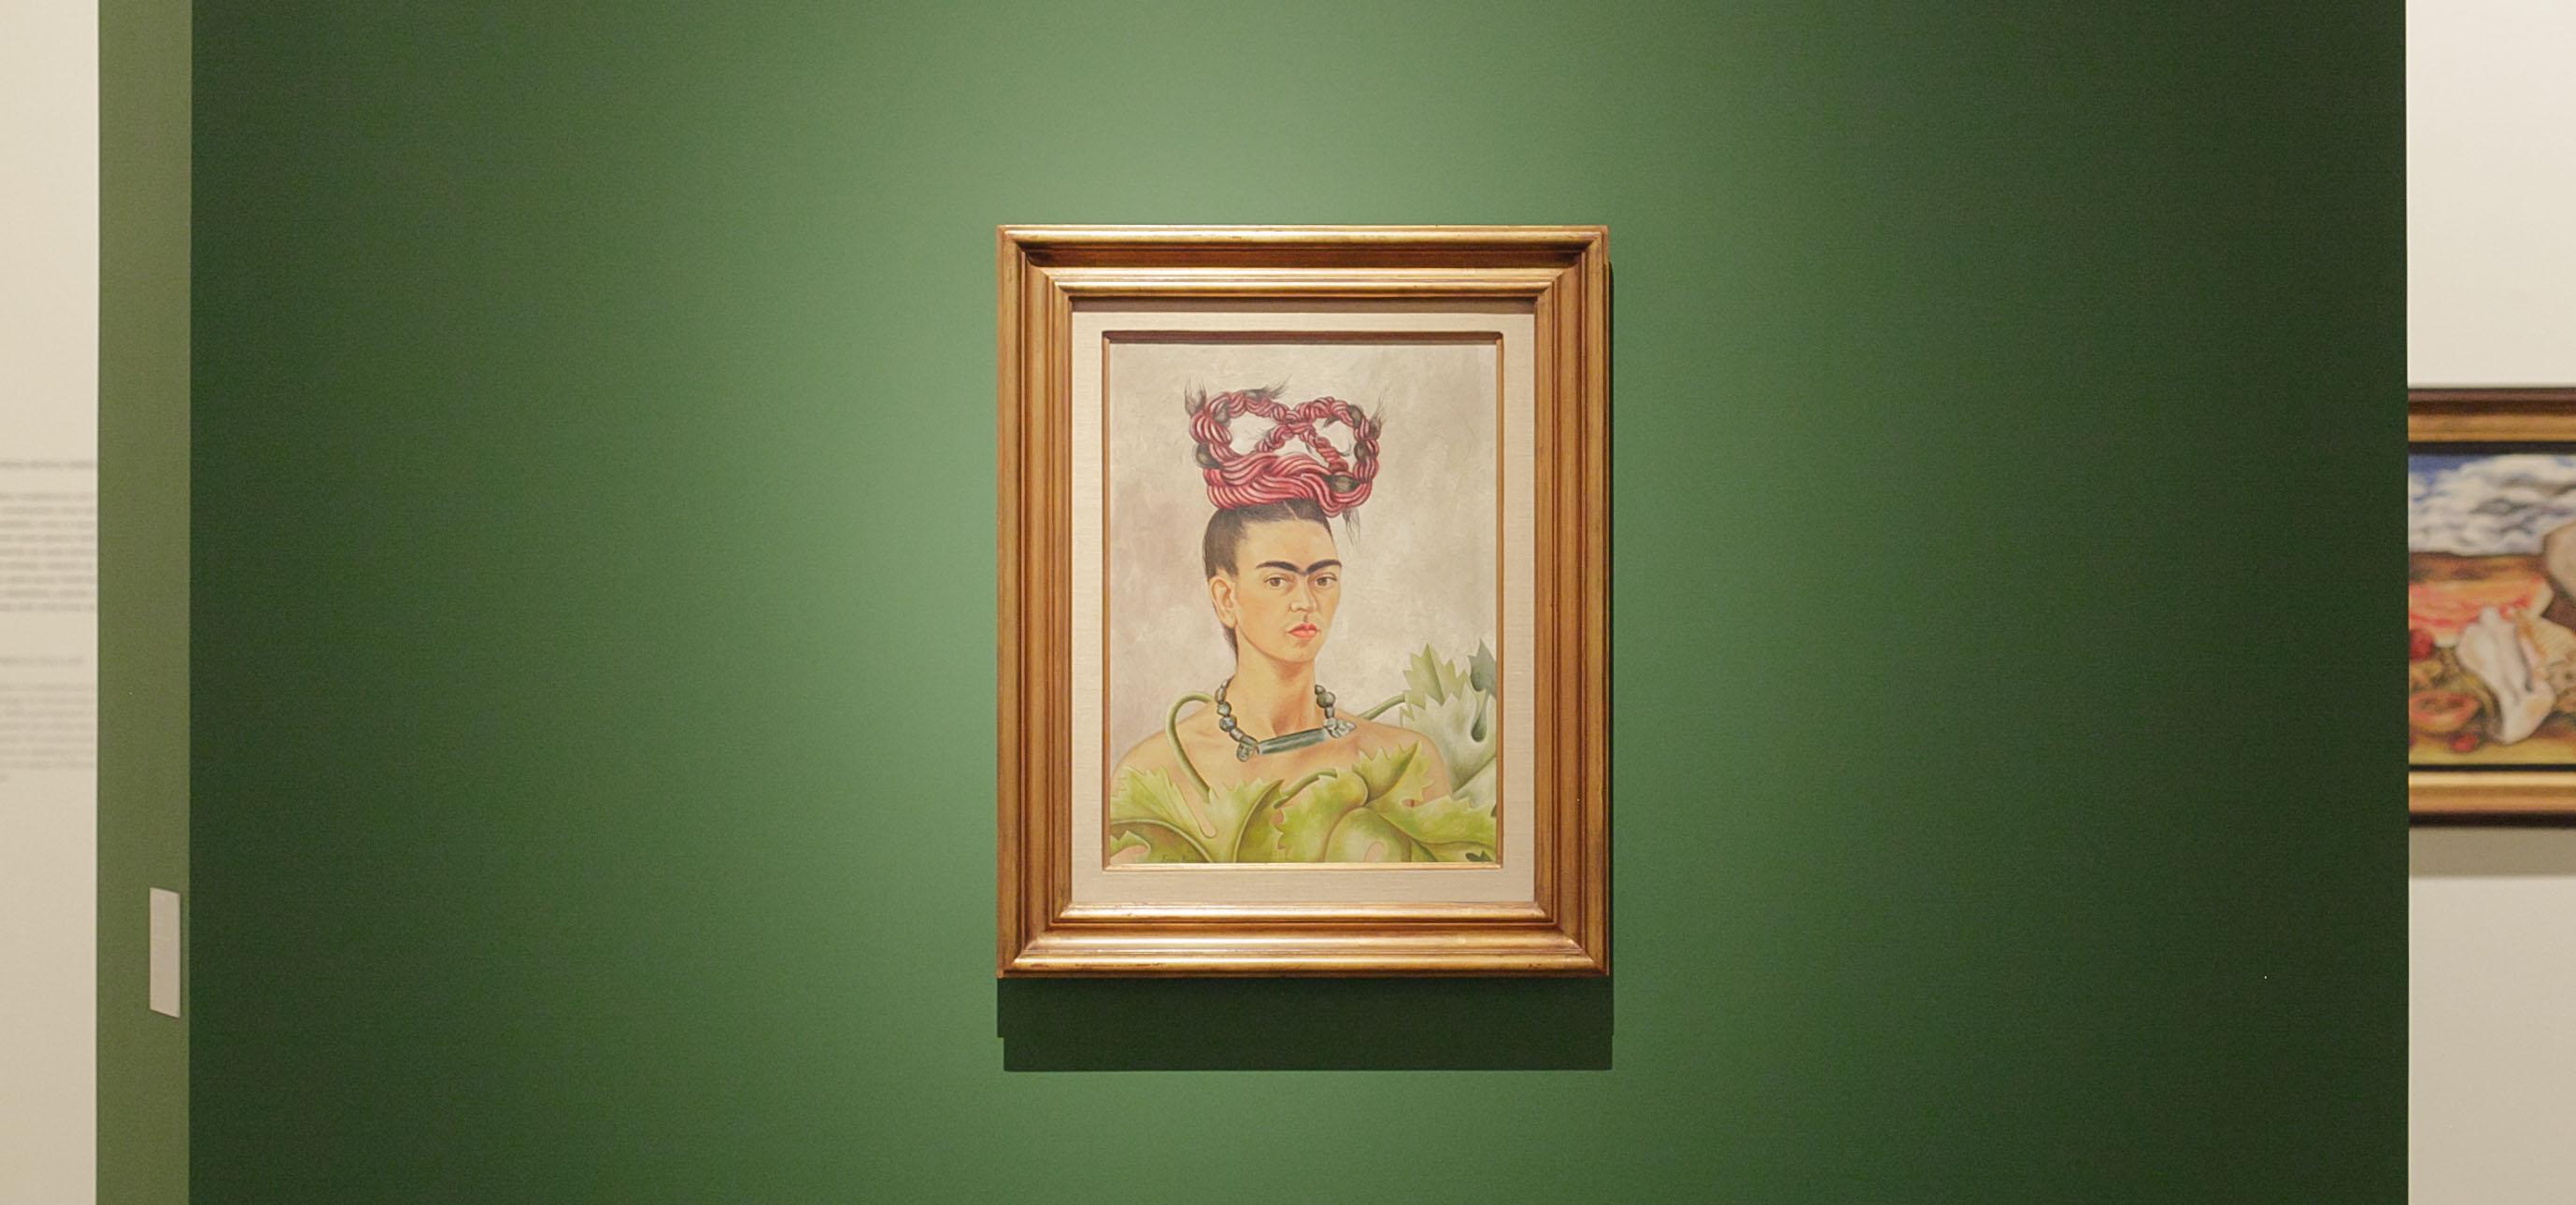 Relato Curso Frida Kahlo: conexões entre mulheres surrealistas no México